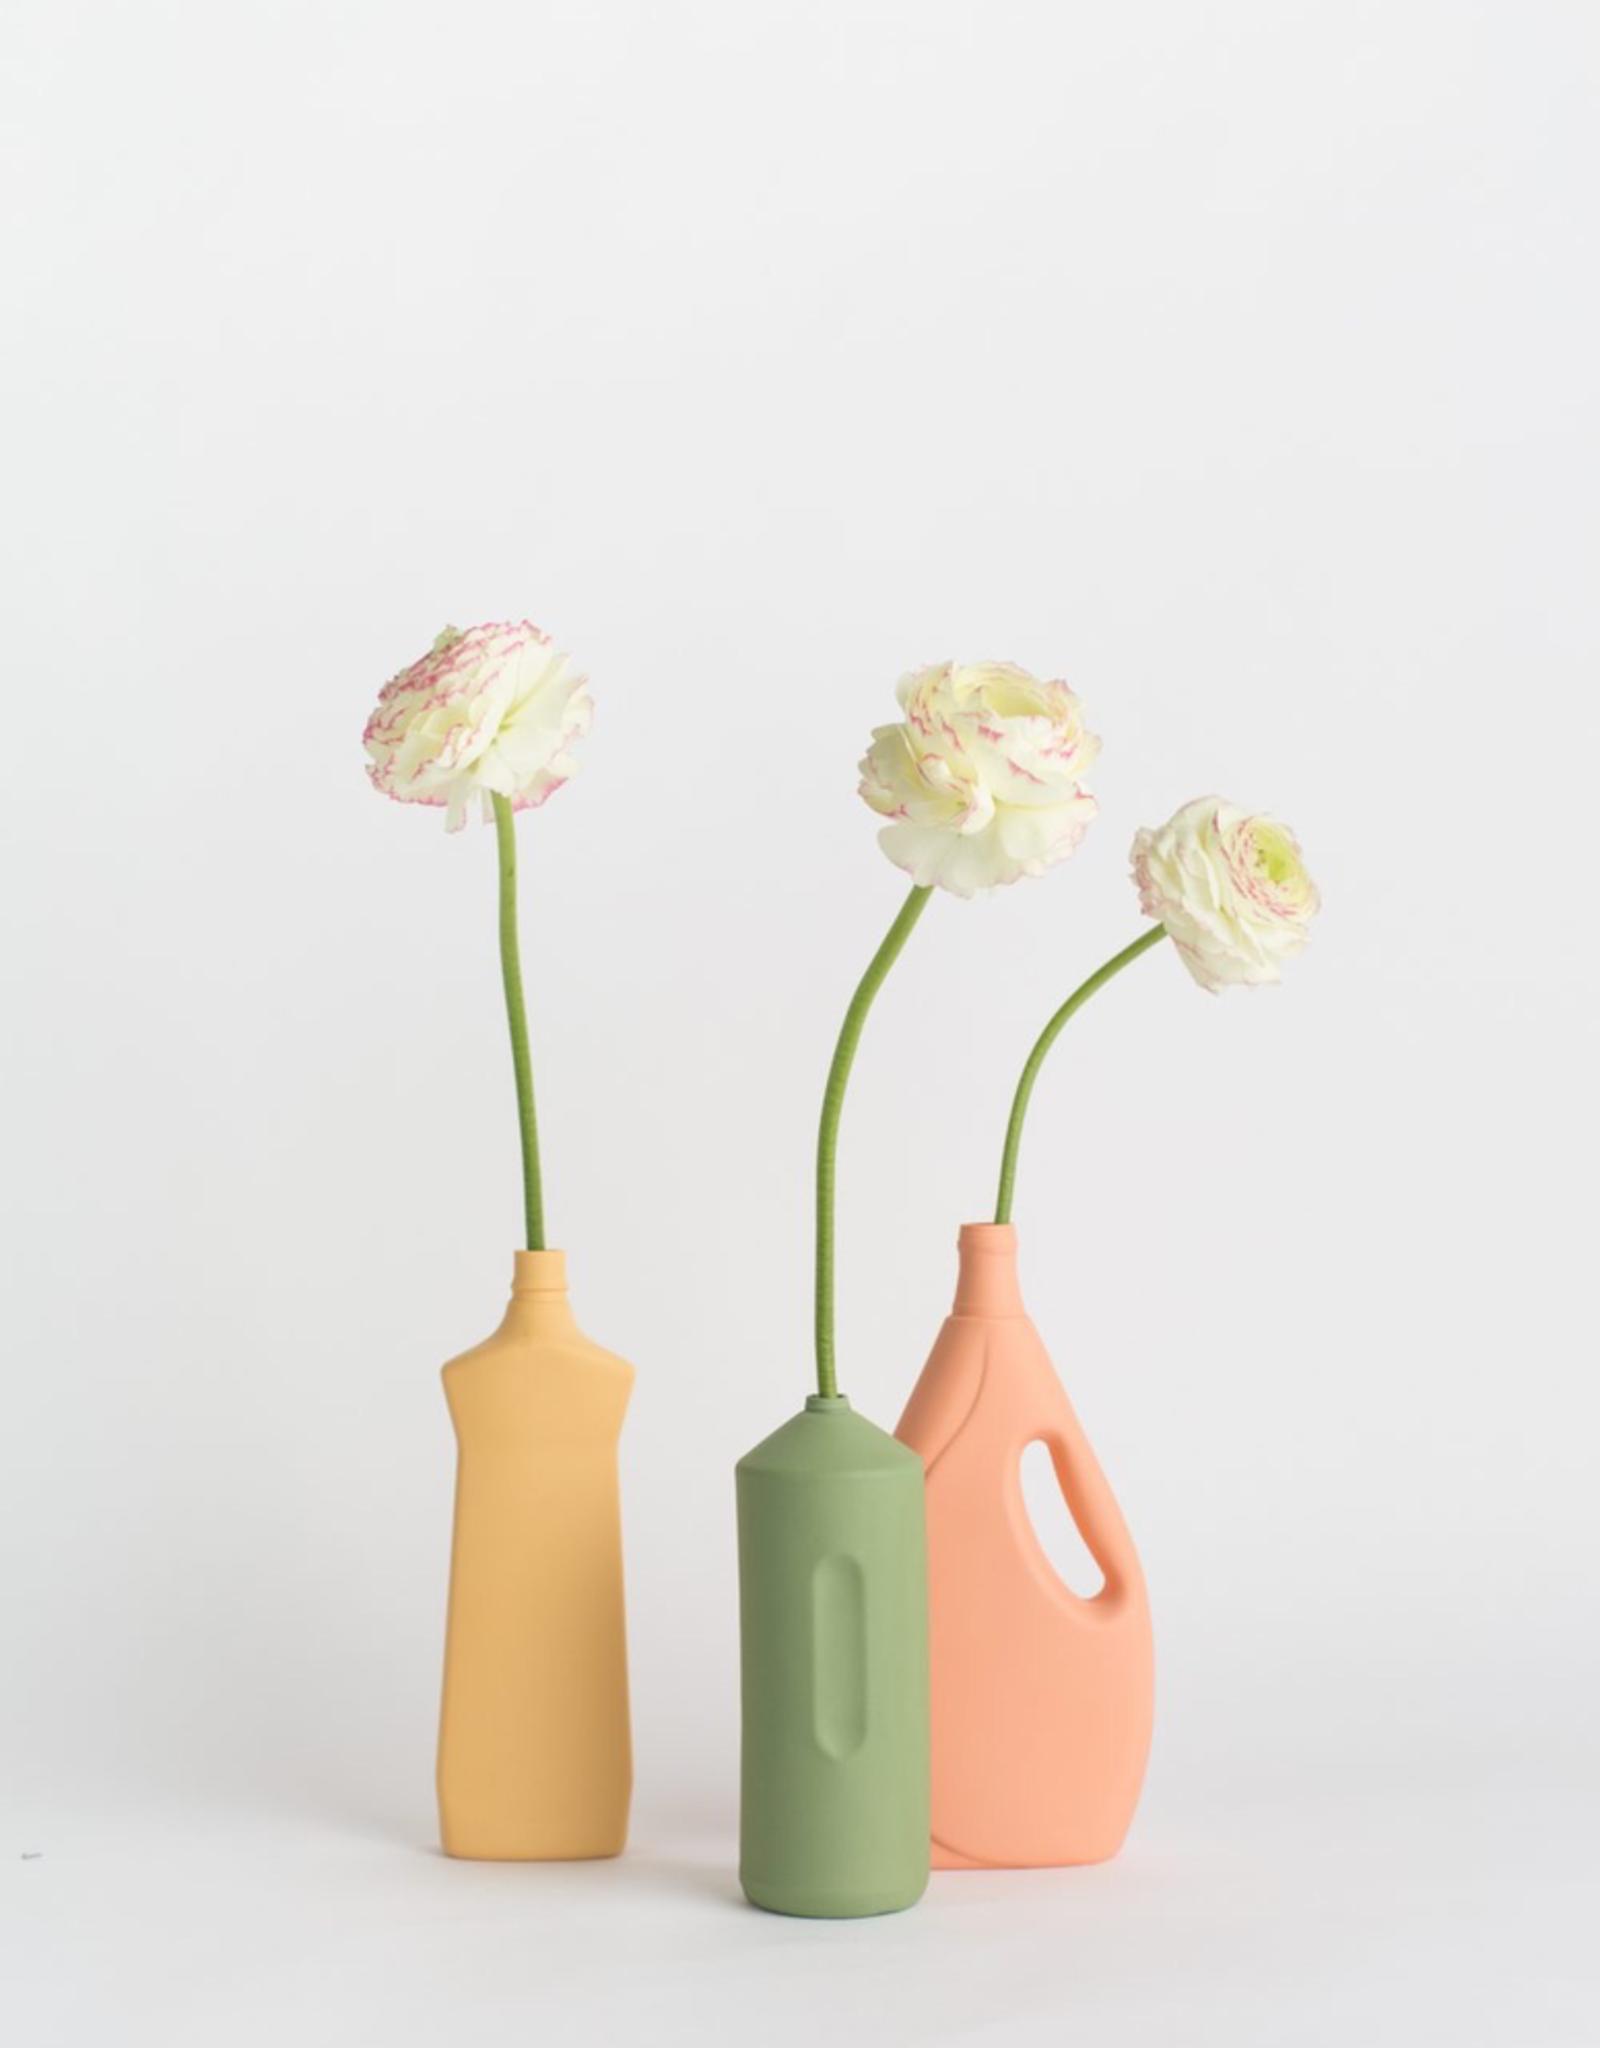 Foekje Fleur Foekje Fleur Porcelain Vase #7-Orange